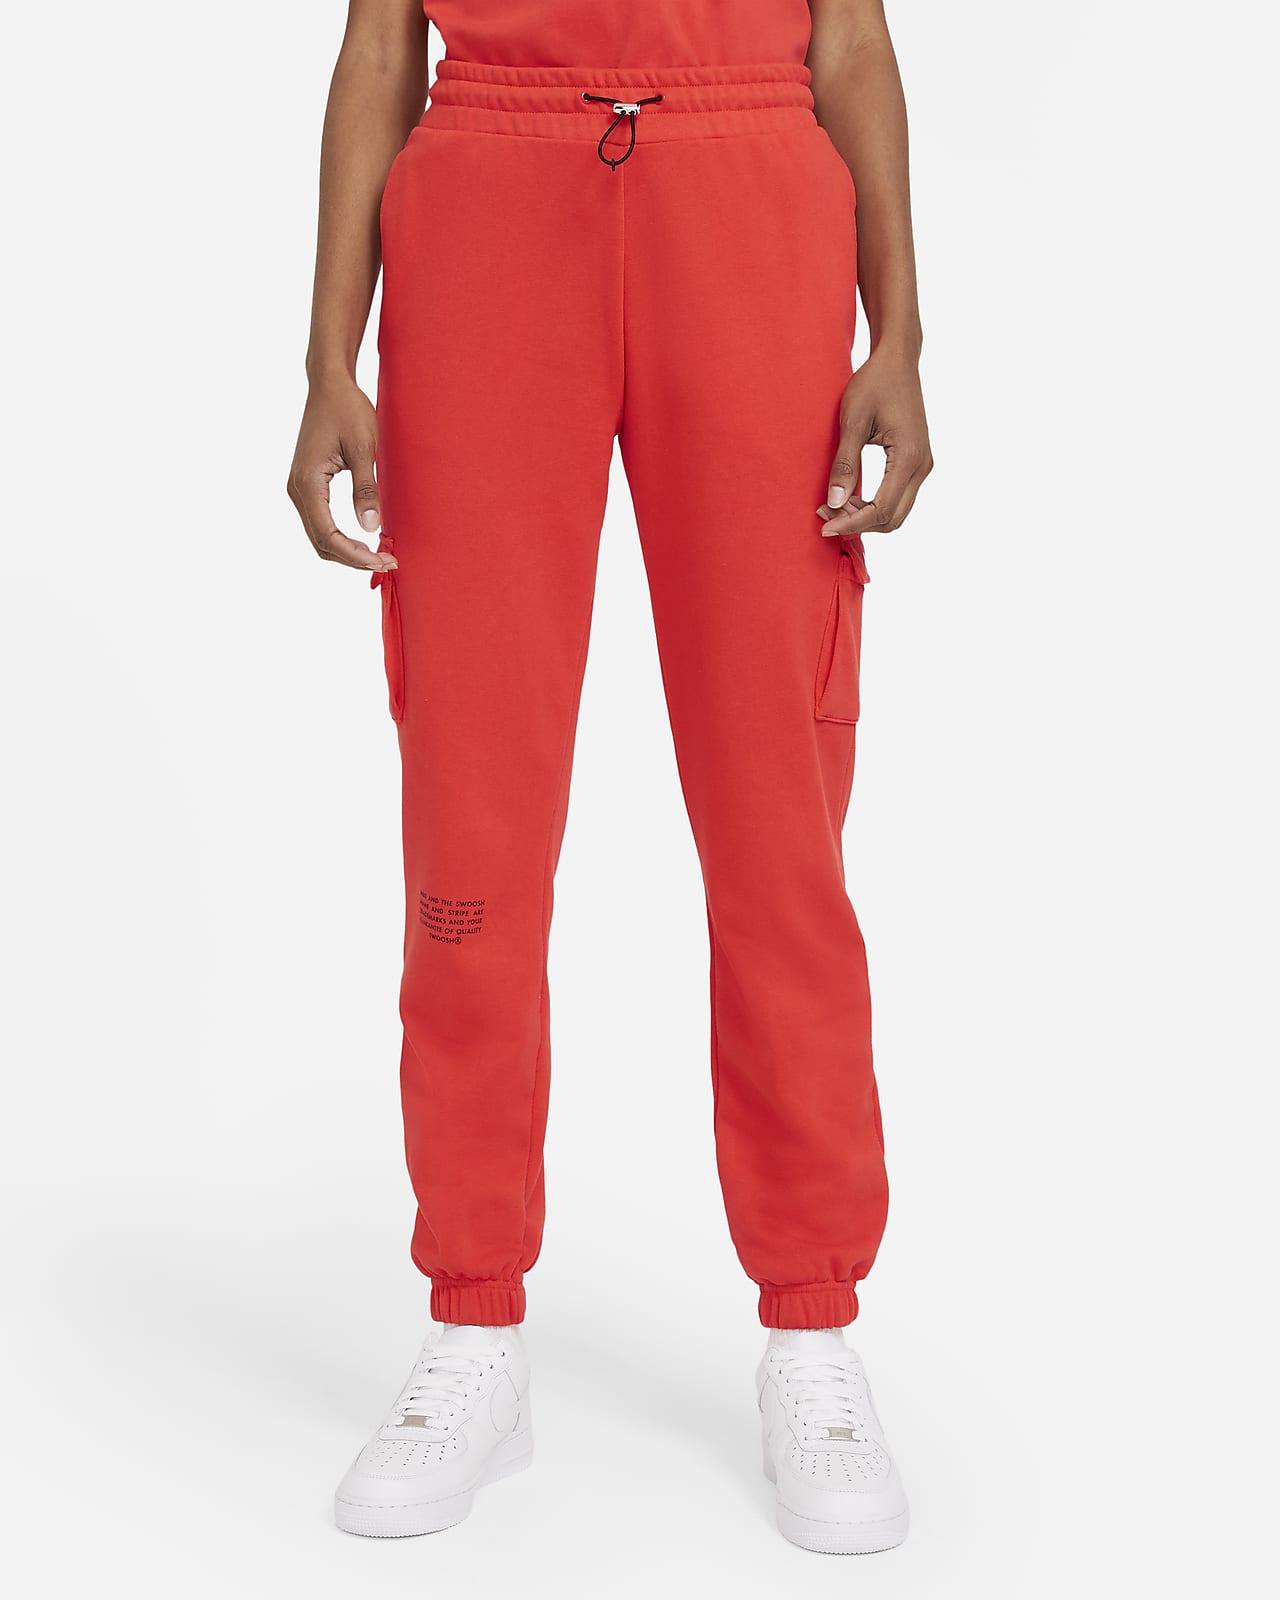 Nike Sportswear Swoosh Women's French Terry Trousers